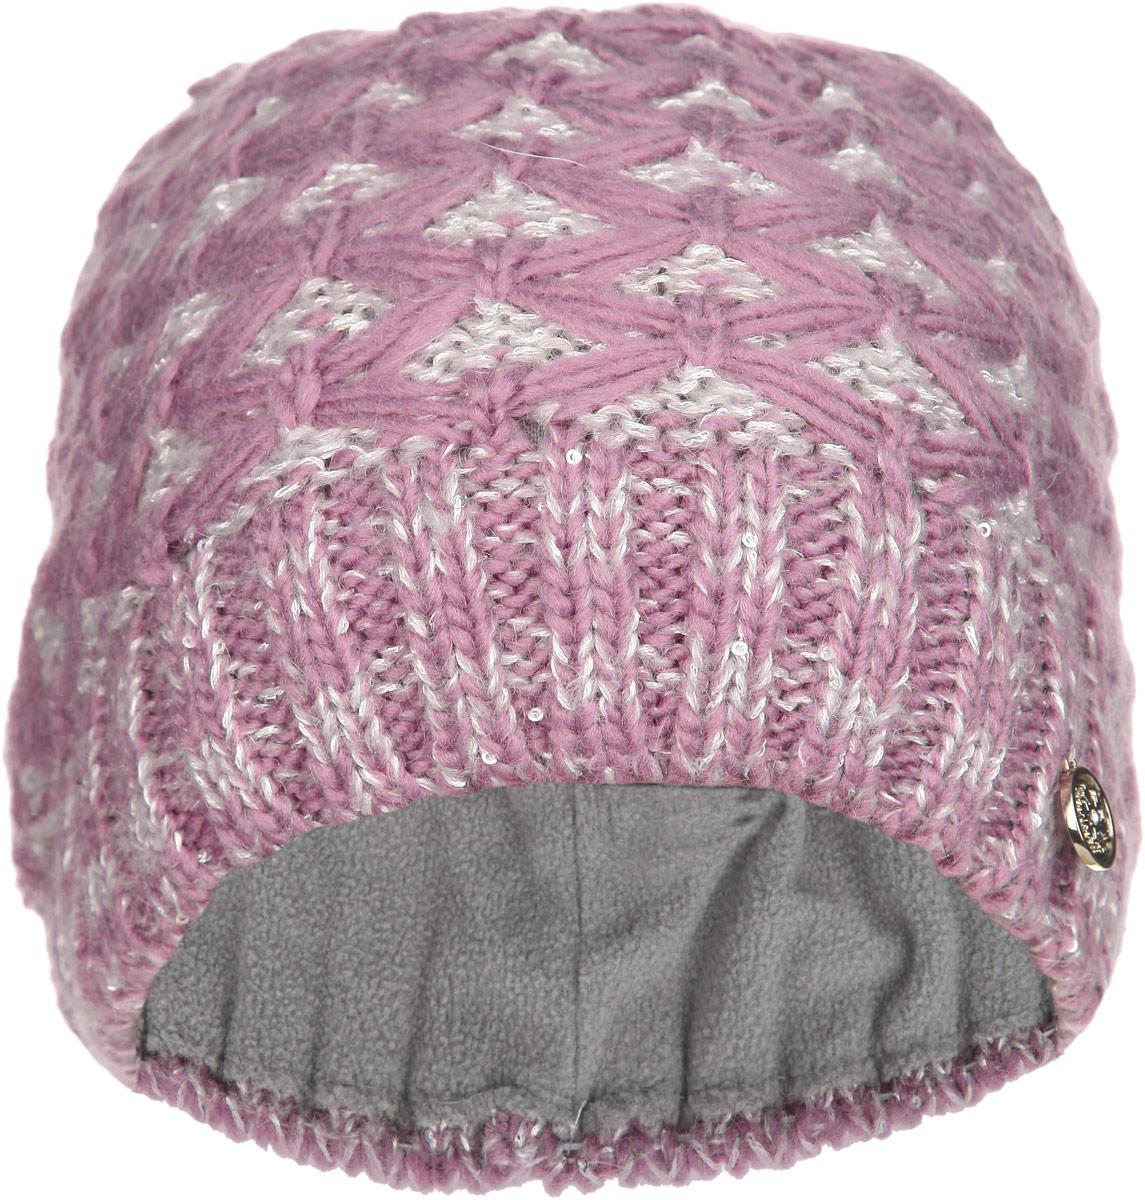 SWH5973/2-109Вязаная женская шапка Snezhna идеально подойдет для вас в холодное время года. Изготовленная из шерсти и полиамида с добавлением мохера, она мягкая и приятная на ощупь, обладает хорошими дышащими свойствами и максимально удерживает тепло. Подкладка шапки выполнена из мягкого теплого флиса. Модель плотно прилегает к голове, благодаря чему надежно защищает от ветра и мороза. Шапка оформлена вязаным узором, а также декорирована мелкими переливающимися пайетками и небольшой металлической пластиной с логотипом бренда. Такой стильный и теплый аксессуар дополнит ваш образ и подчеркнет индивидуальность! Уважаемые клиенты! Размер, доступный для заказа, является обхватом головы.